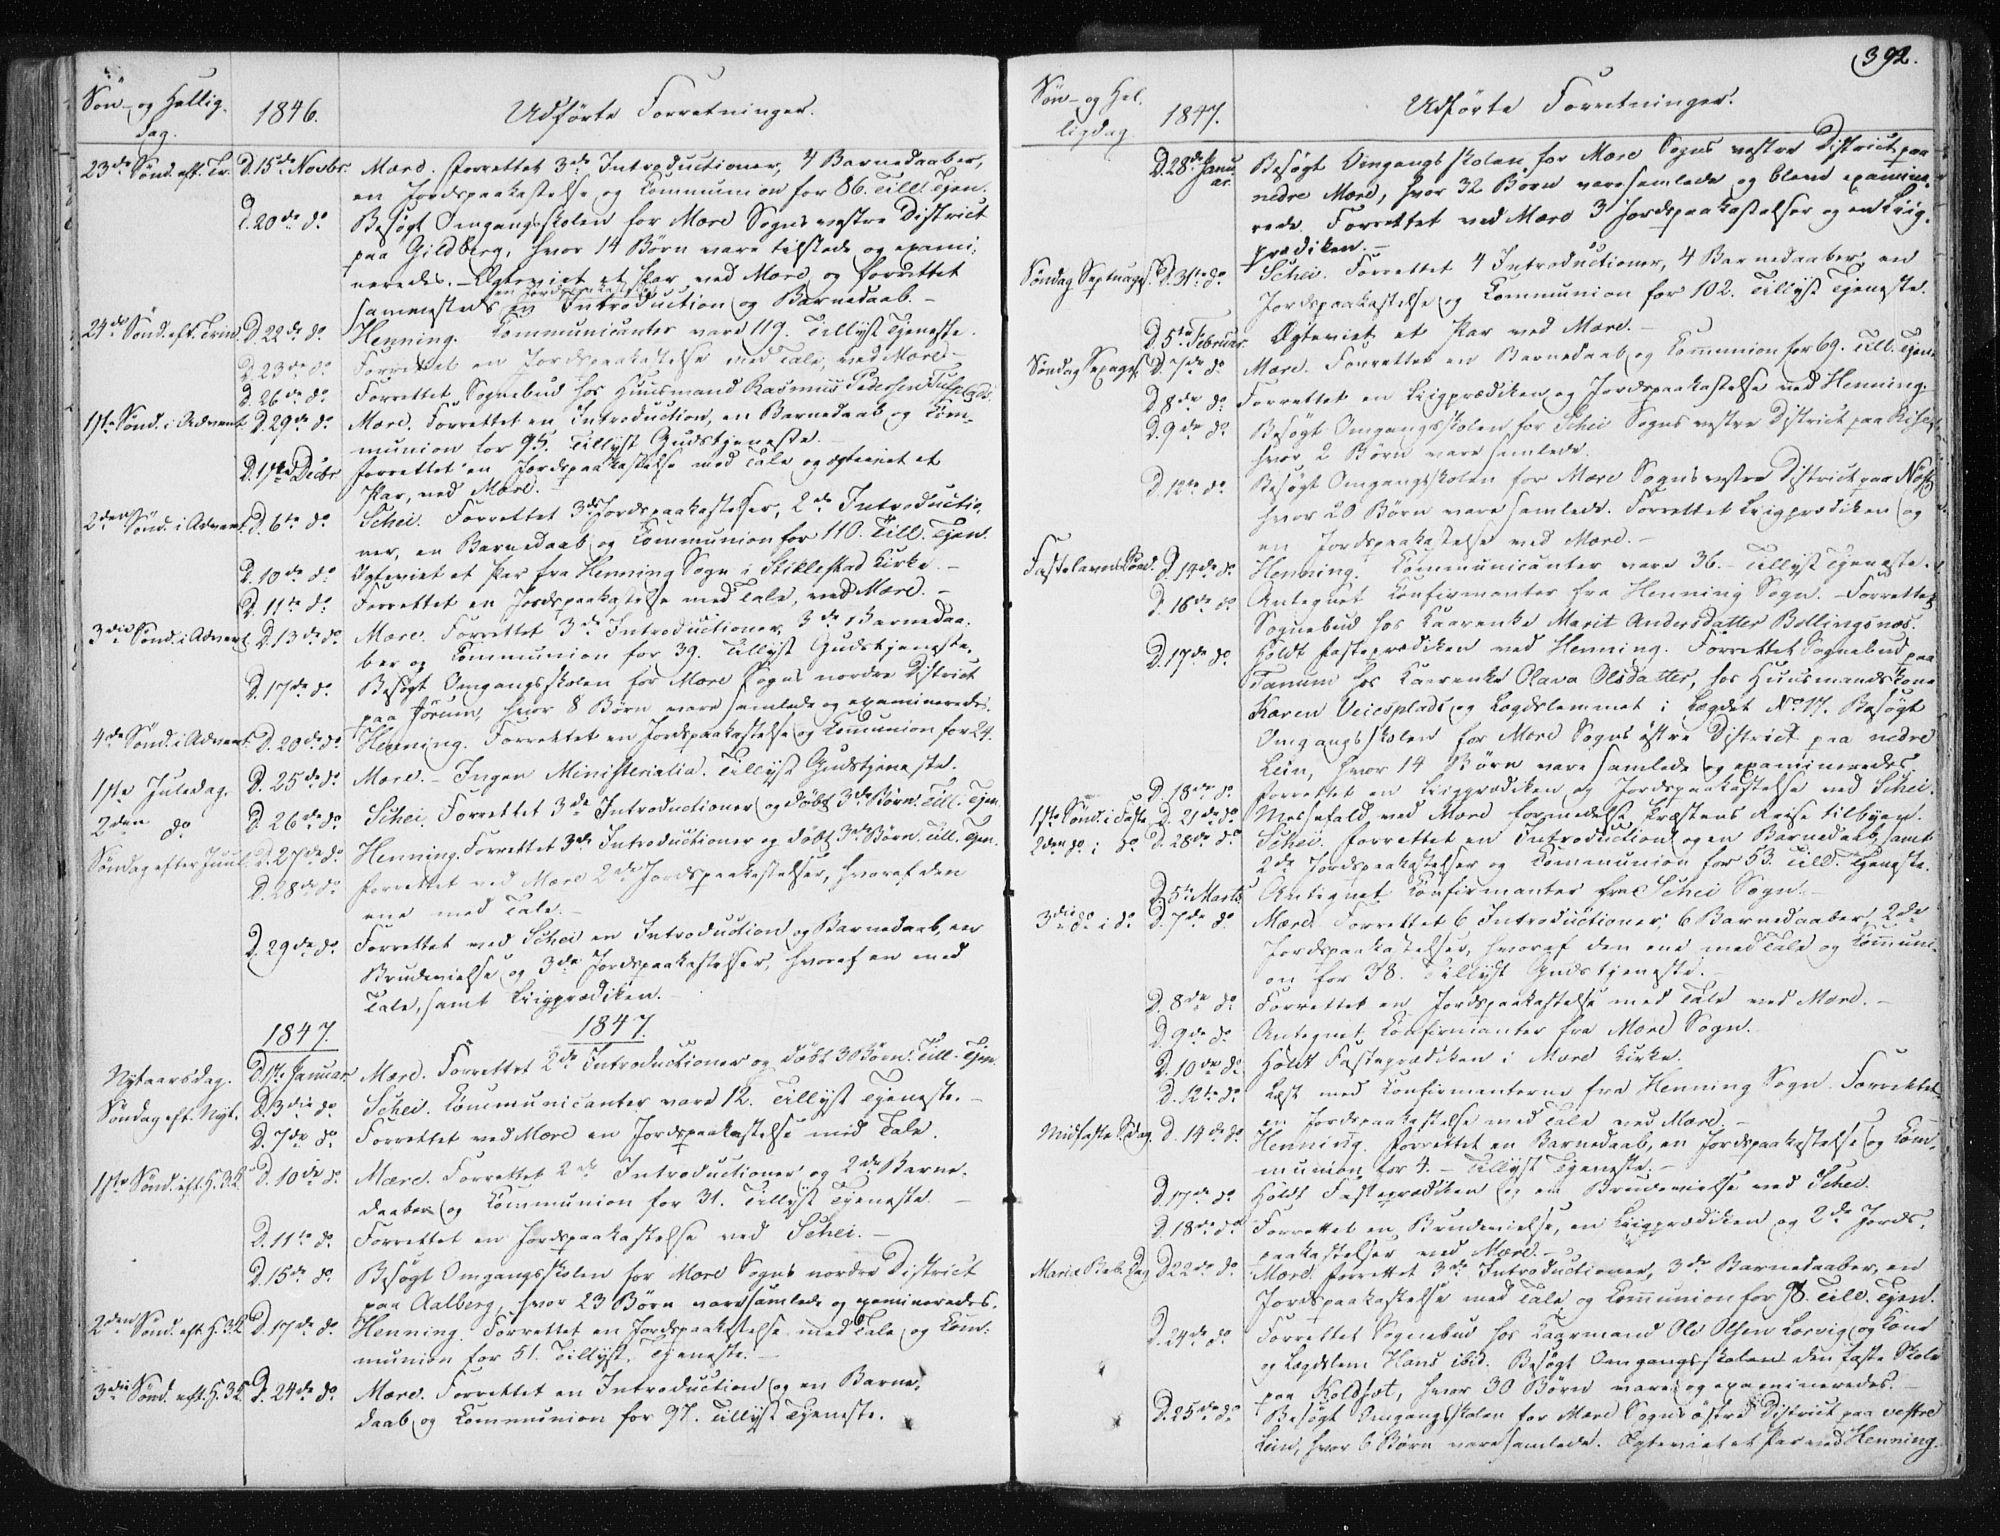 SAT, Ministerialprotokoller, klokkerbøker og fødselsregistre - Nord-Trøndelag, 735/L0339: Ministerialbok nr. 735A06 /1, 1836-1848, s. 392